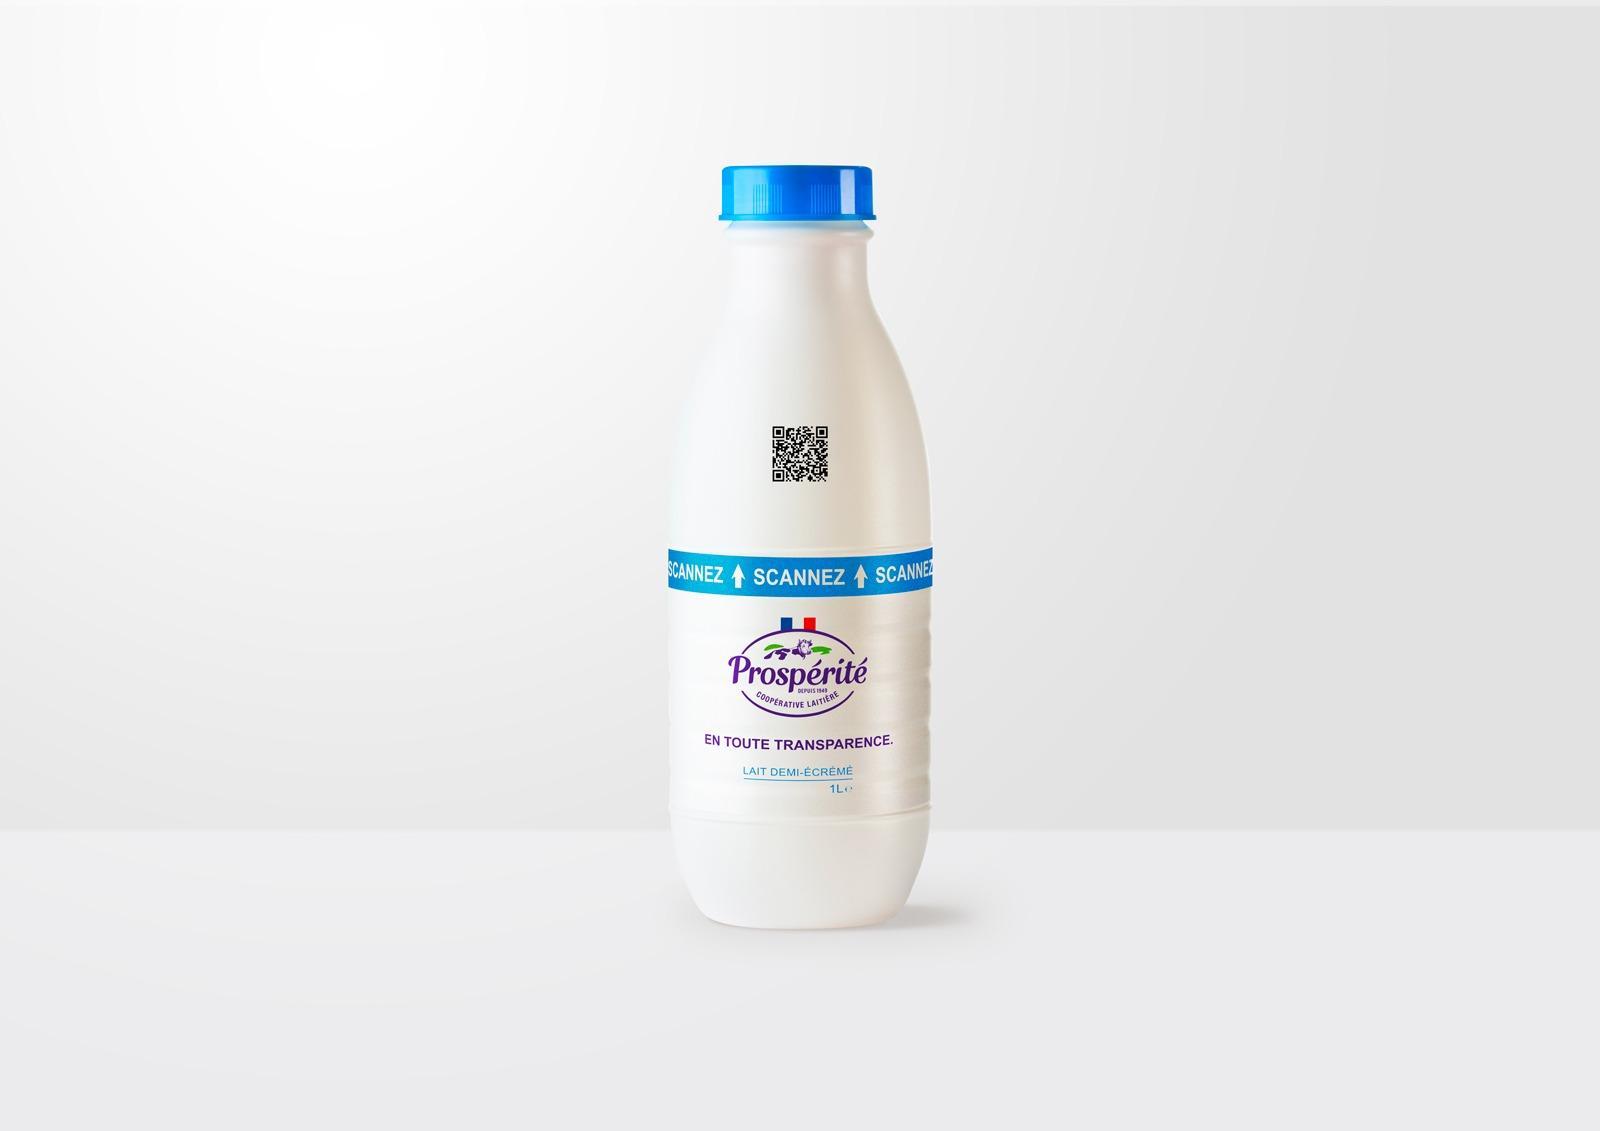 lait connecte prosperité digital qr code audité en temps reel certifie